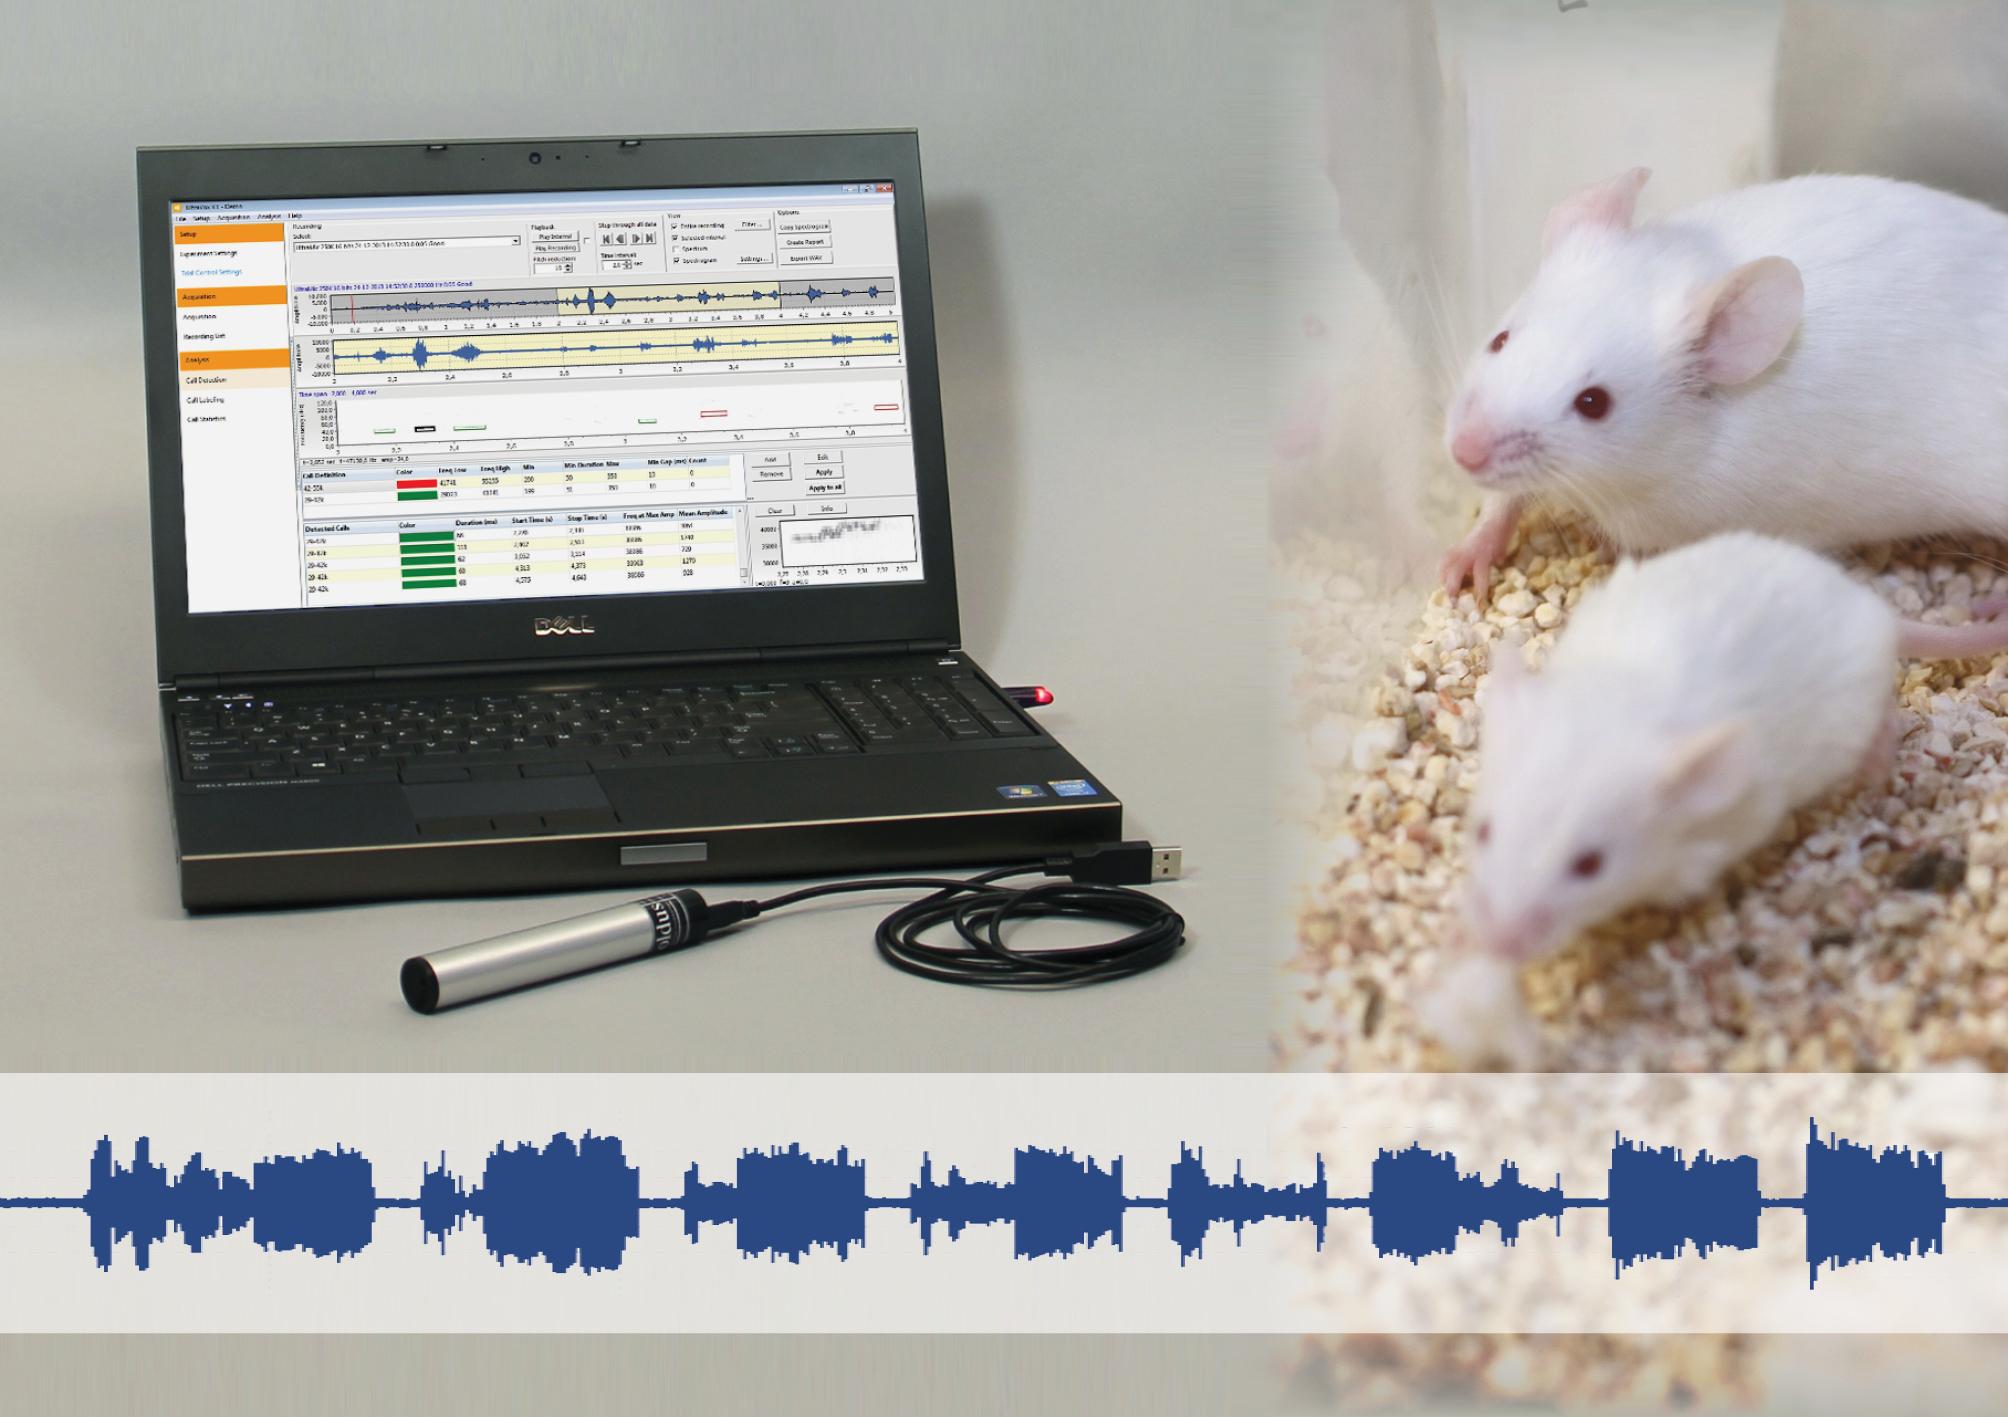 UltraVox声音行为分析系统